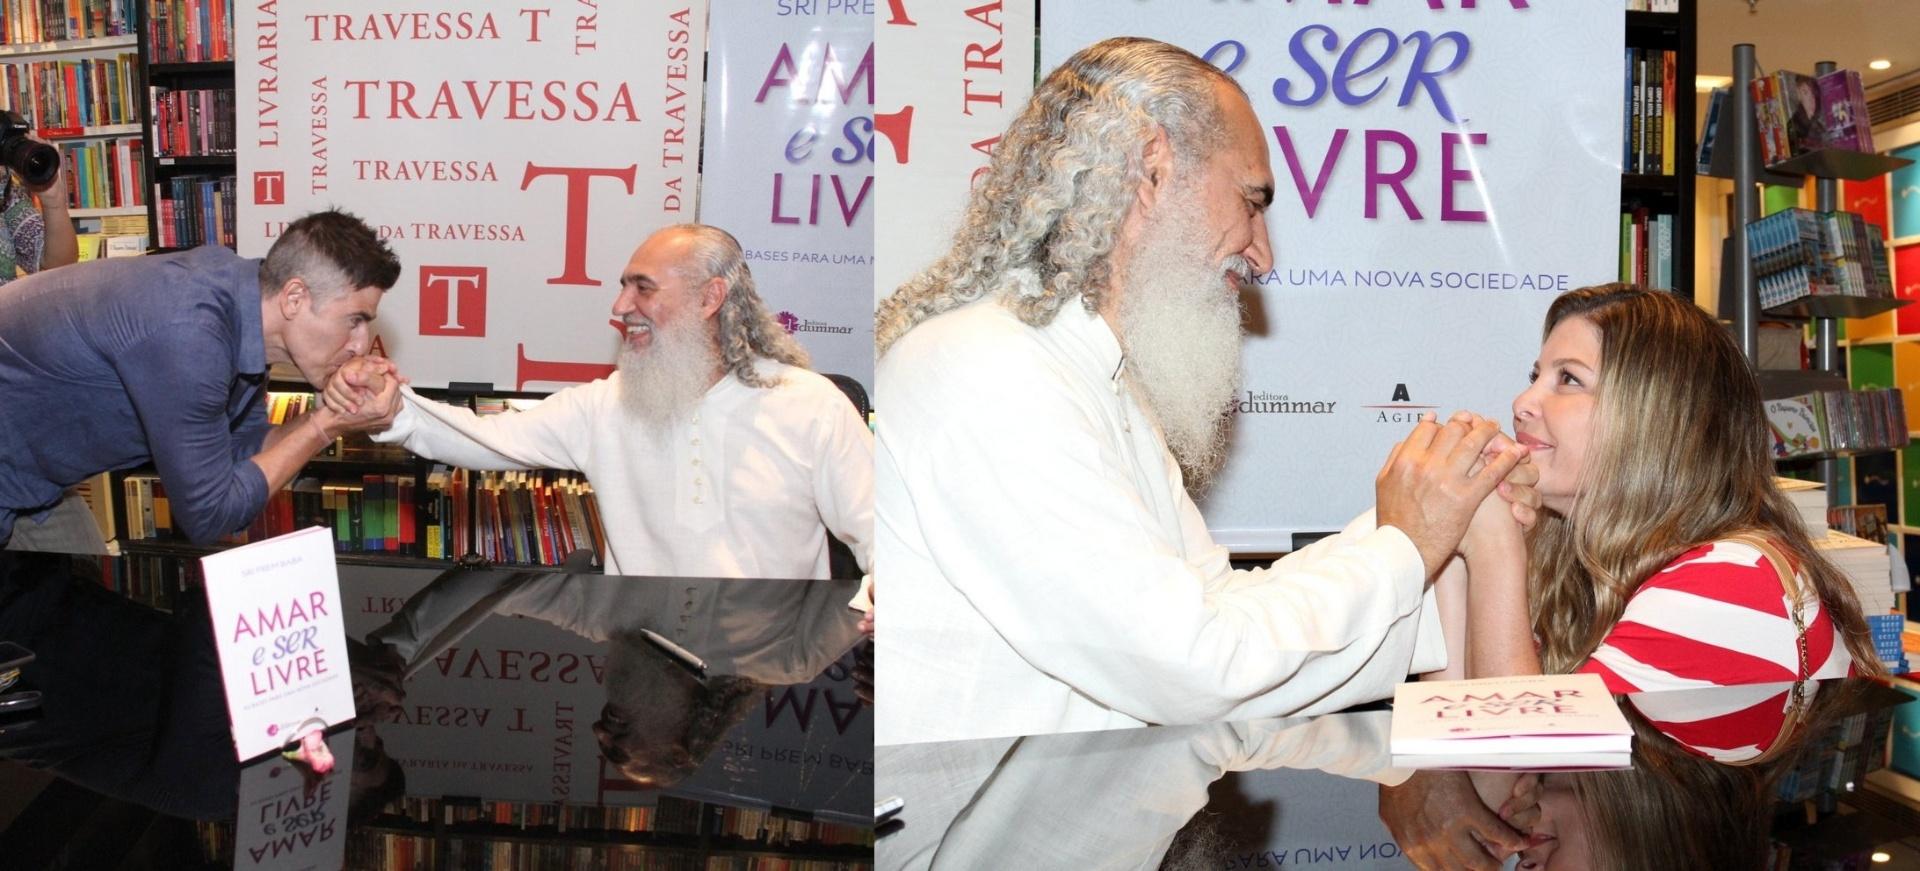 15.jul.2015- Reynaldo Gianecchini e Bárbara Borges prestigiam lançamento do livro